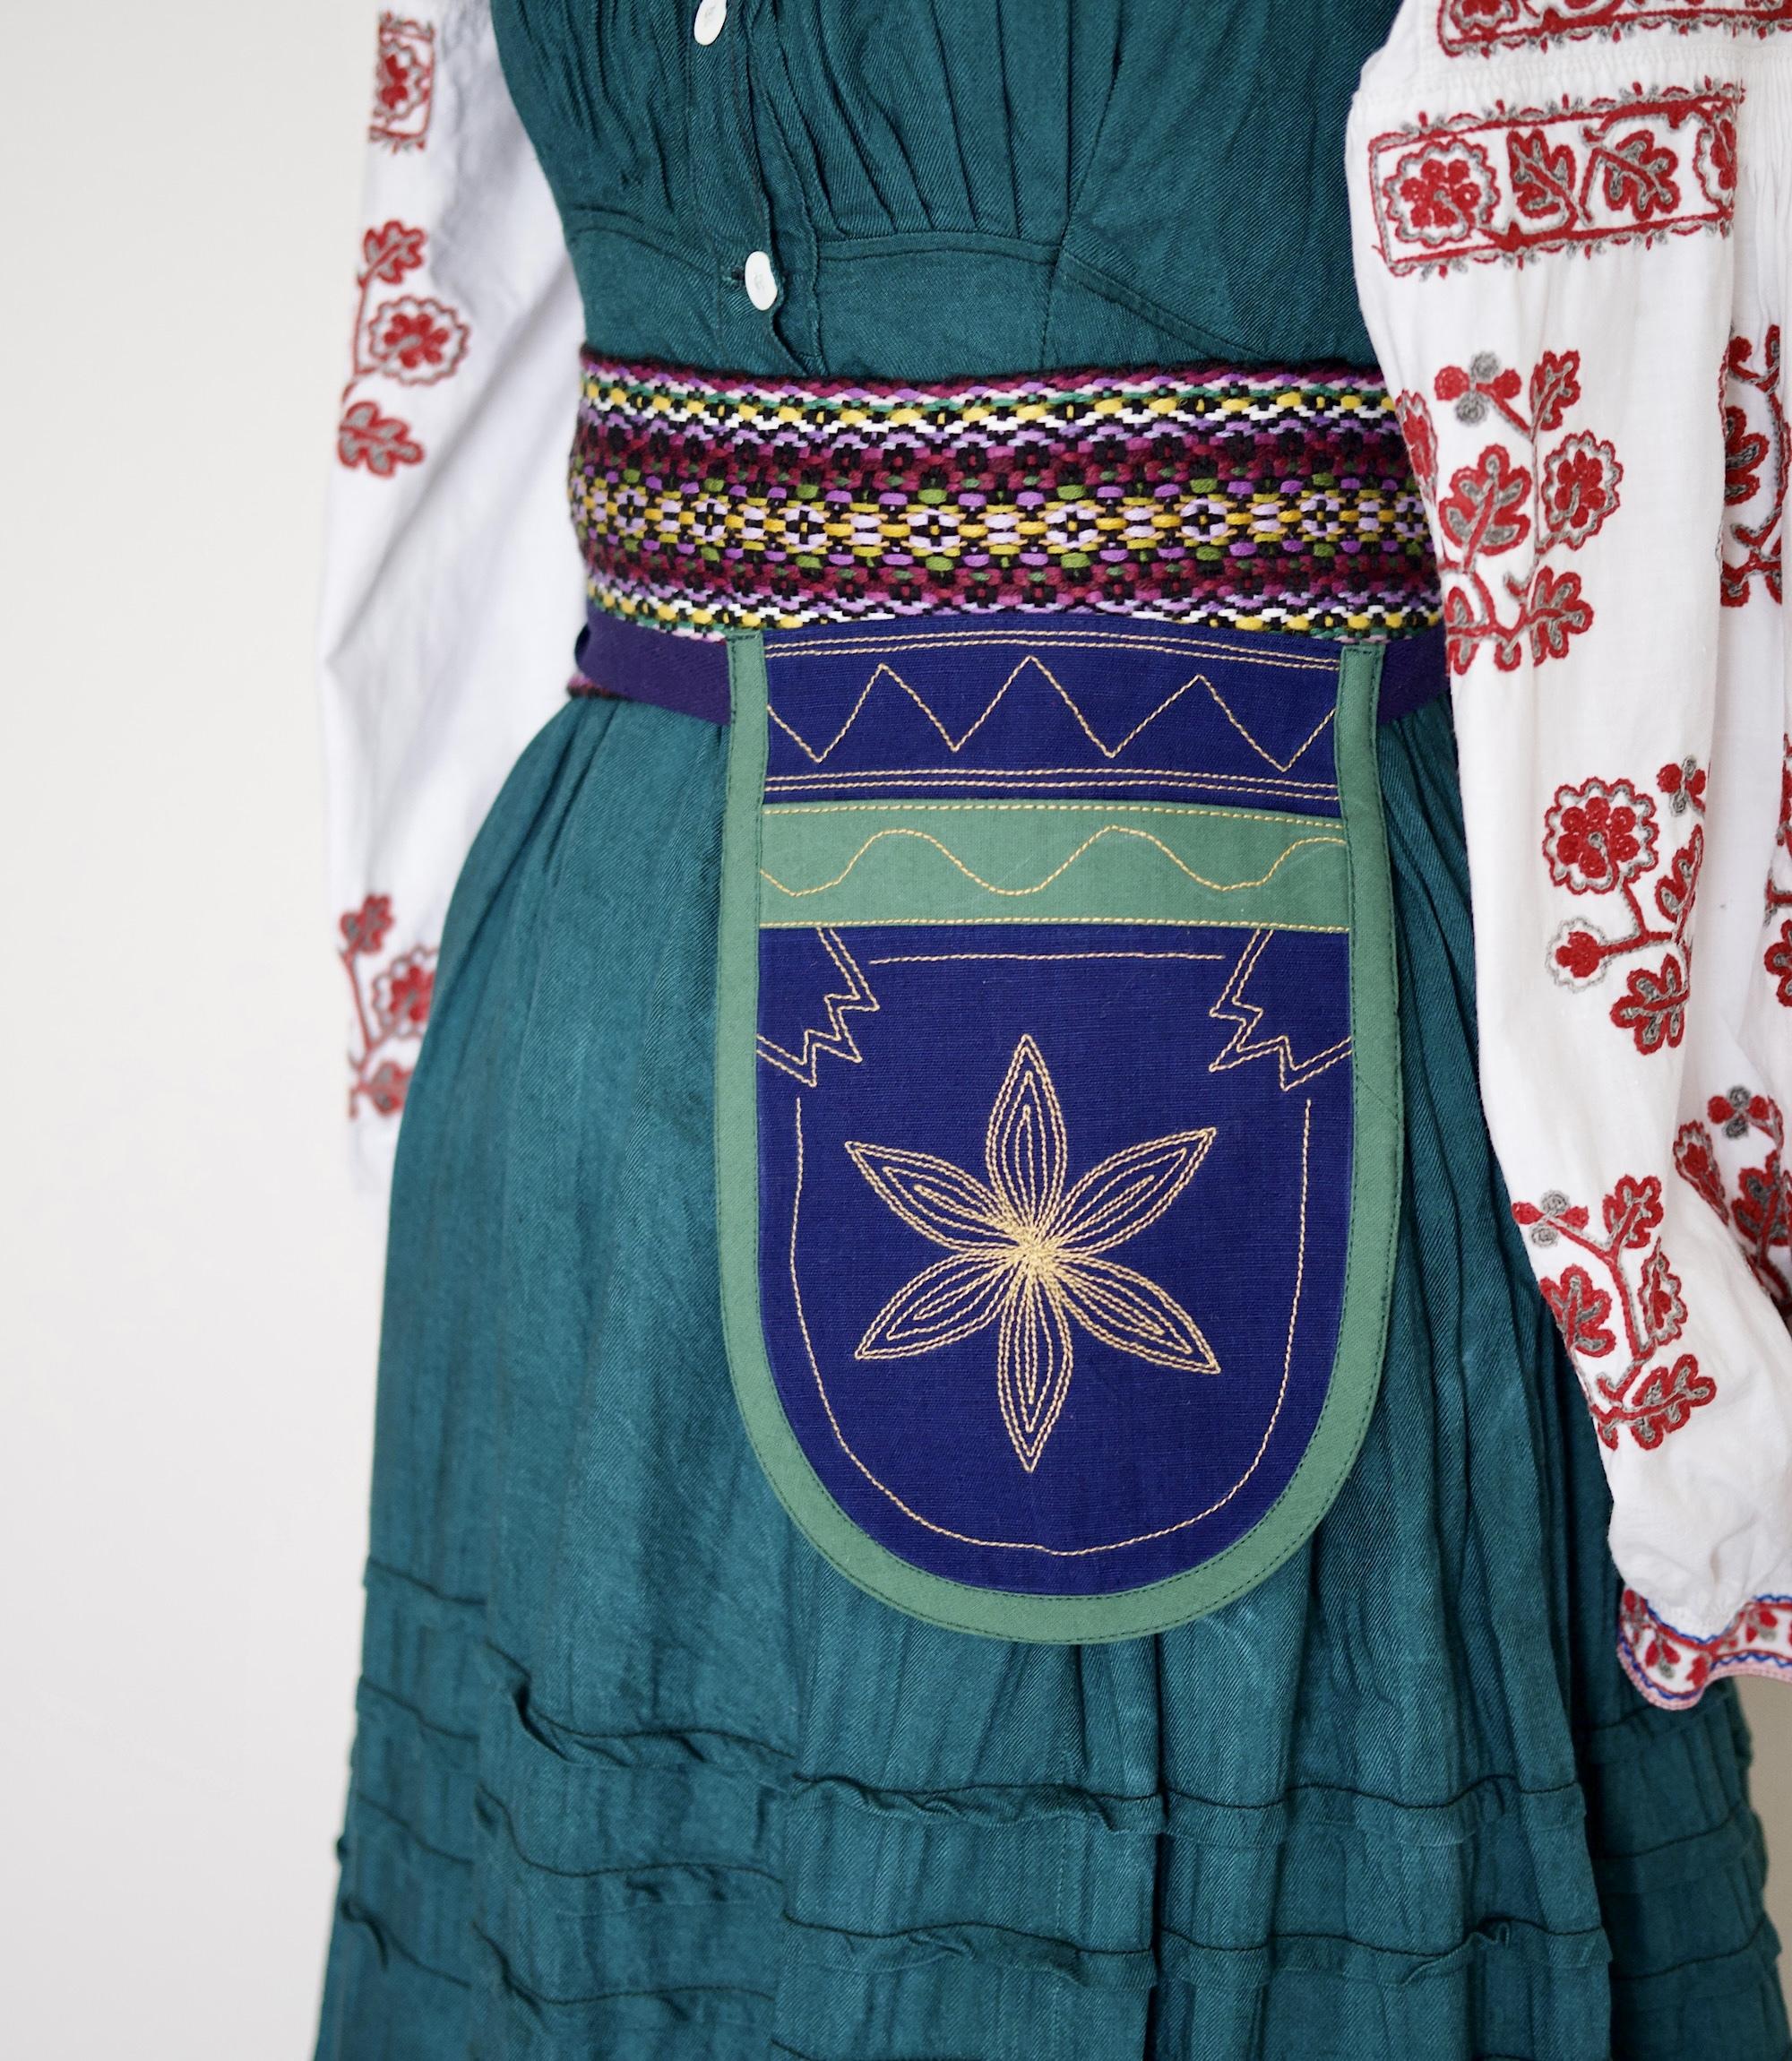 ウクライナ民族衣装のポシェット